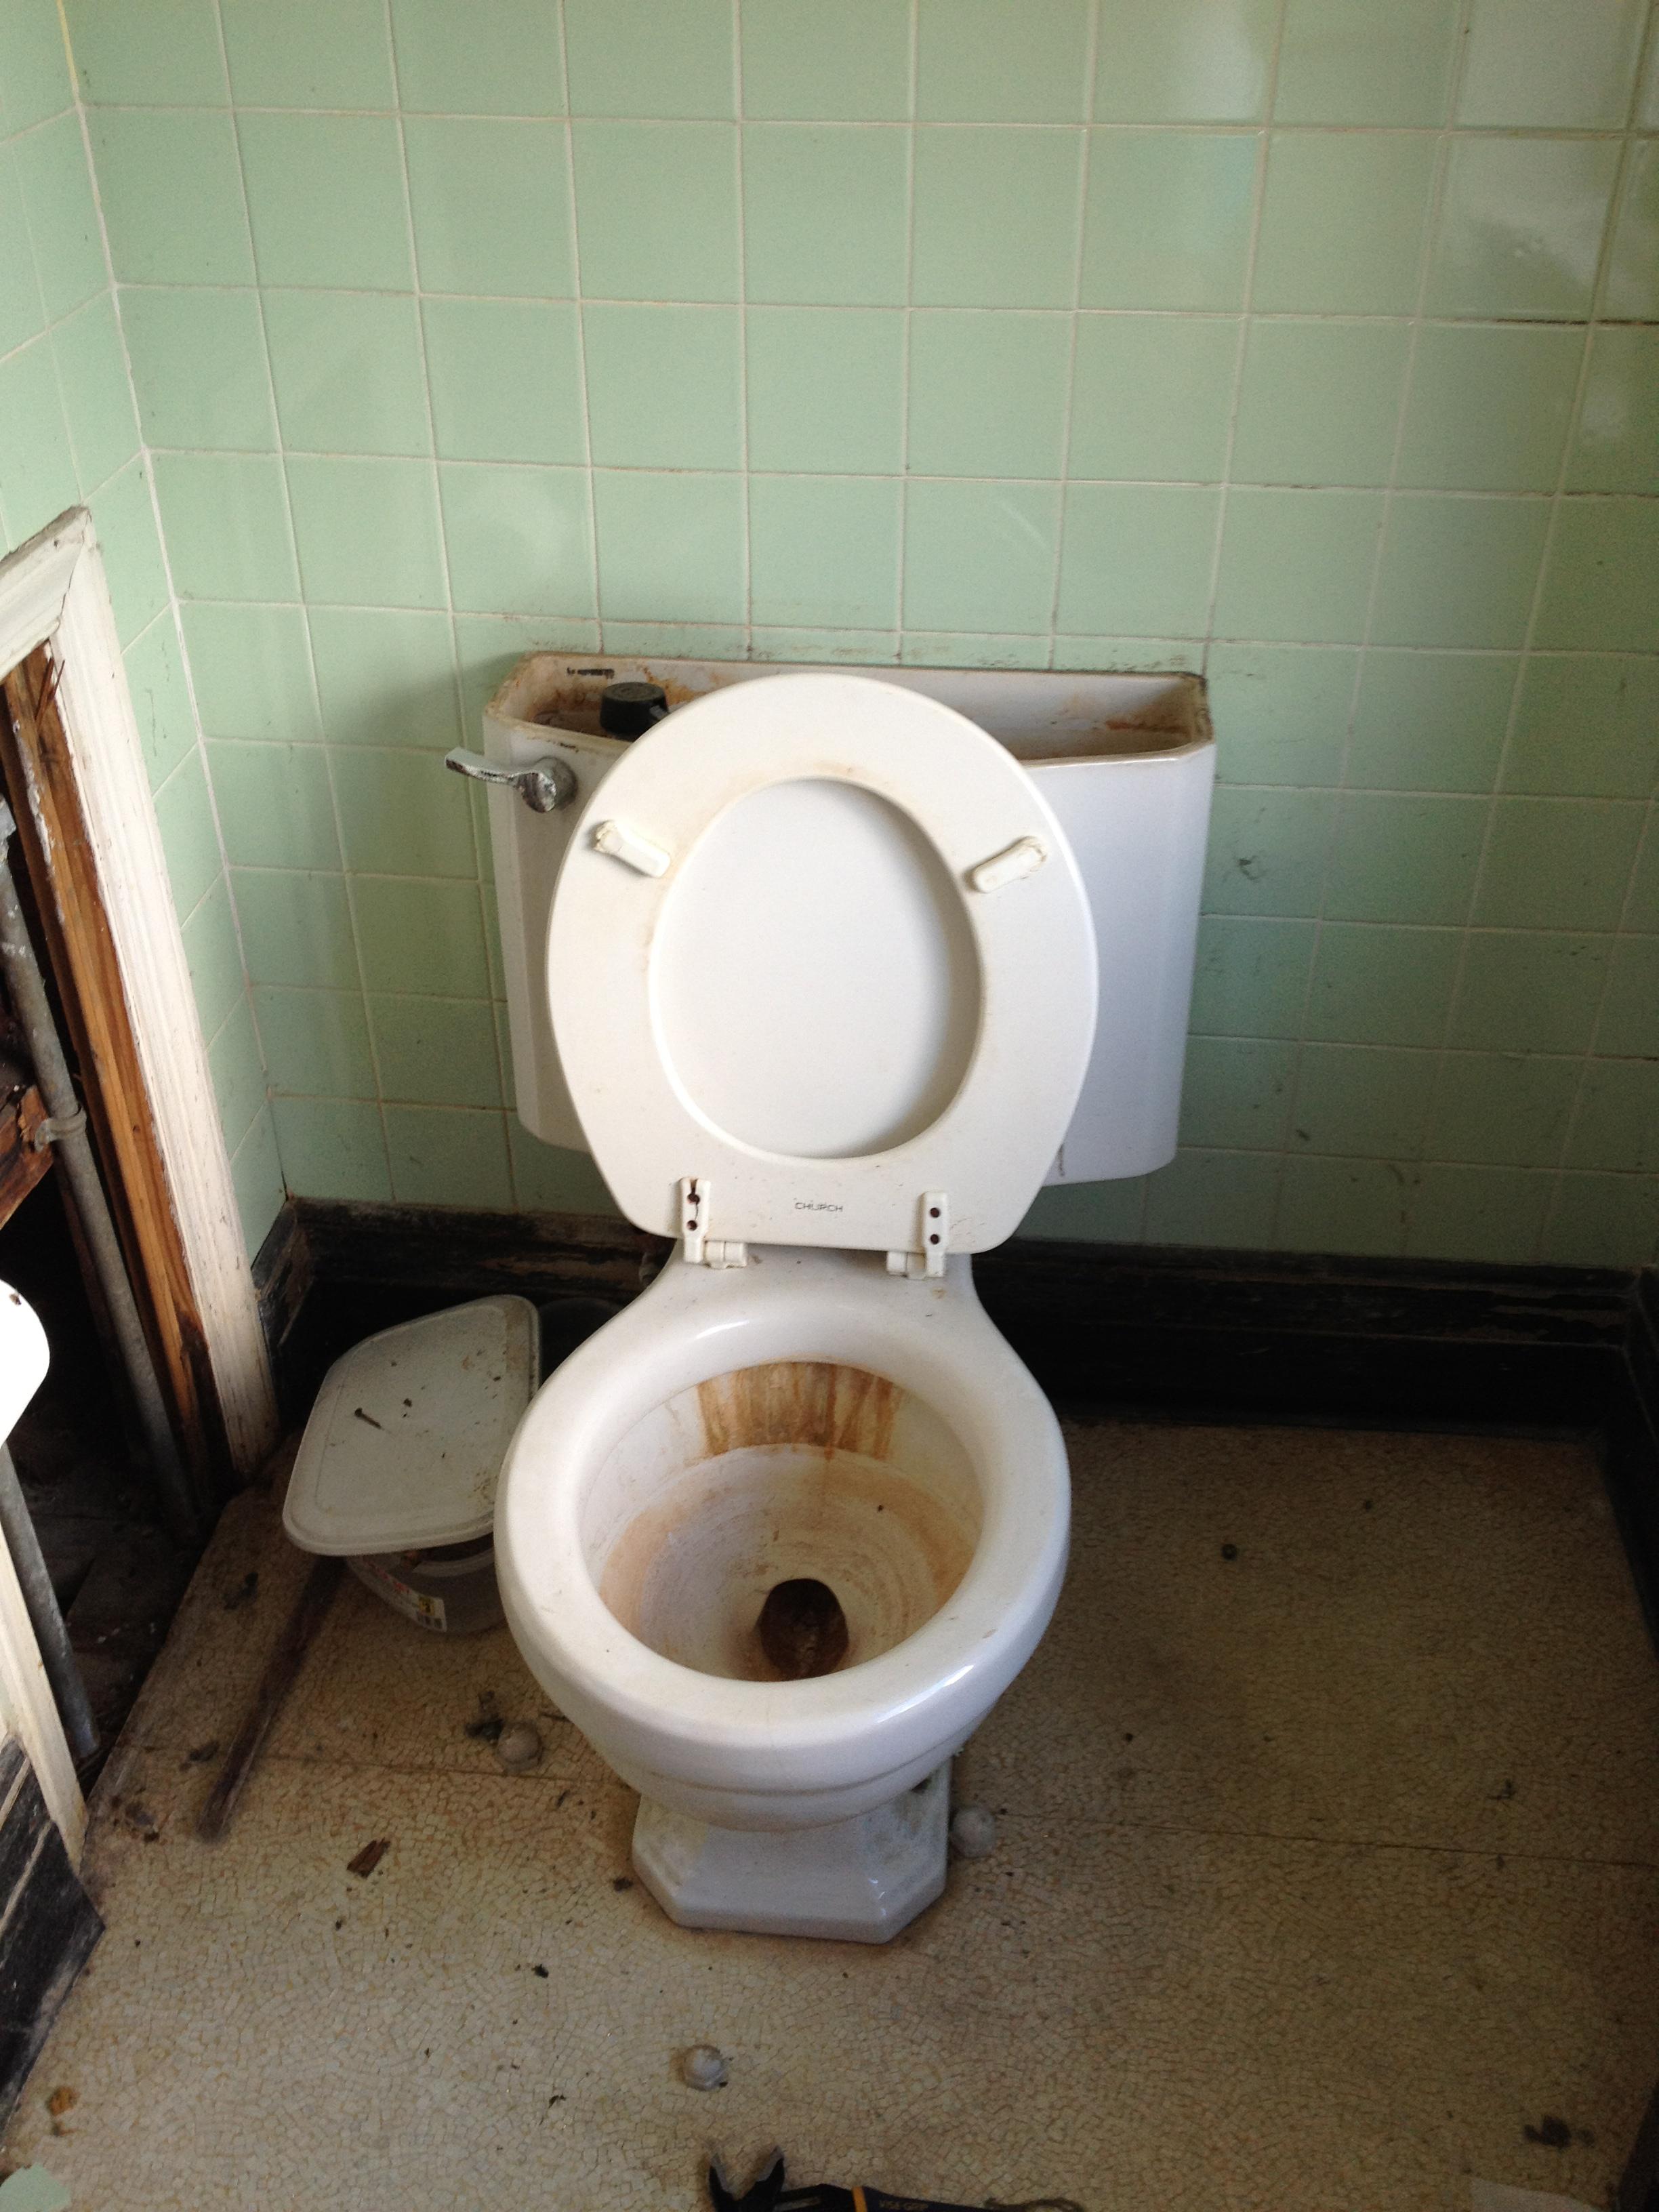 Dirty bathroom signs - Yeeeaaah And